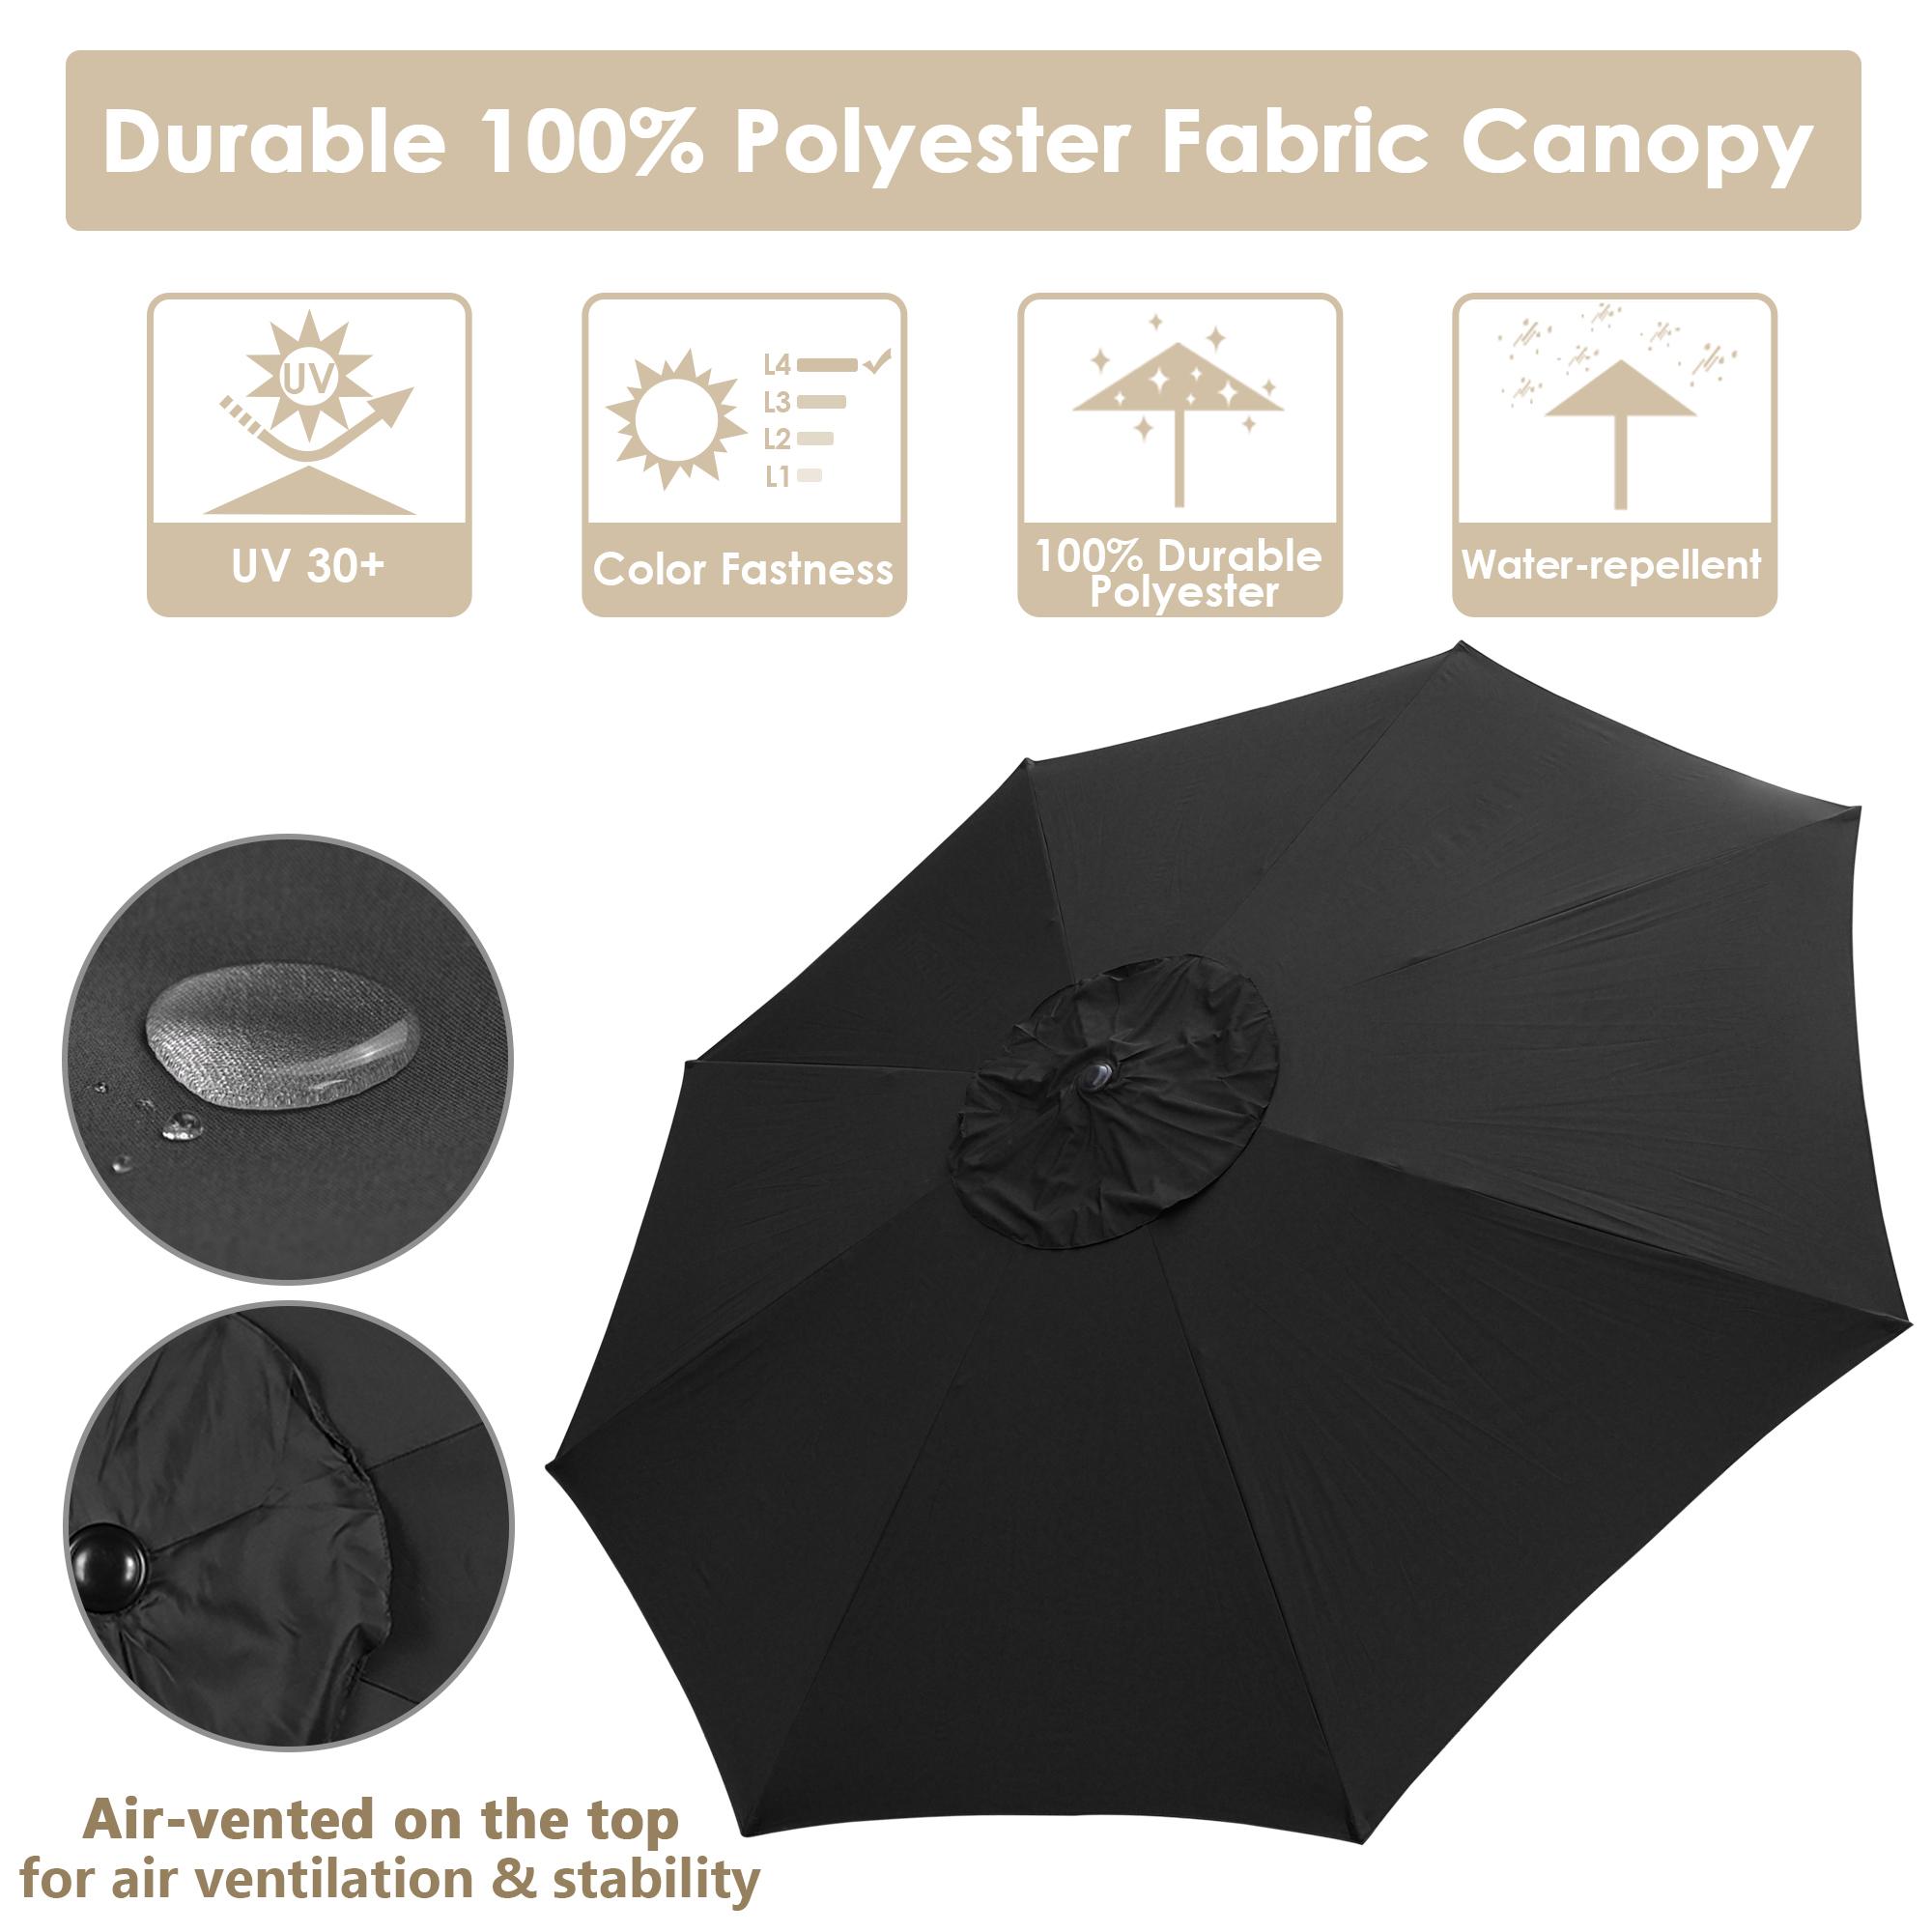 thumbnail 40 - 13' FT Sun Shade Patio Aluminum Umbrella UV30+ Outdoor Market Garden Beach Deck